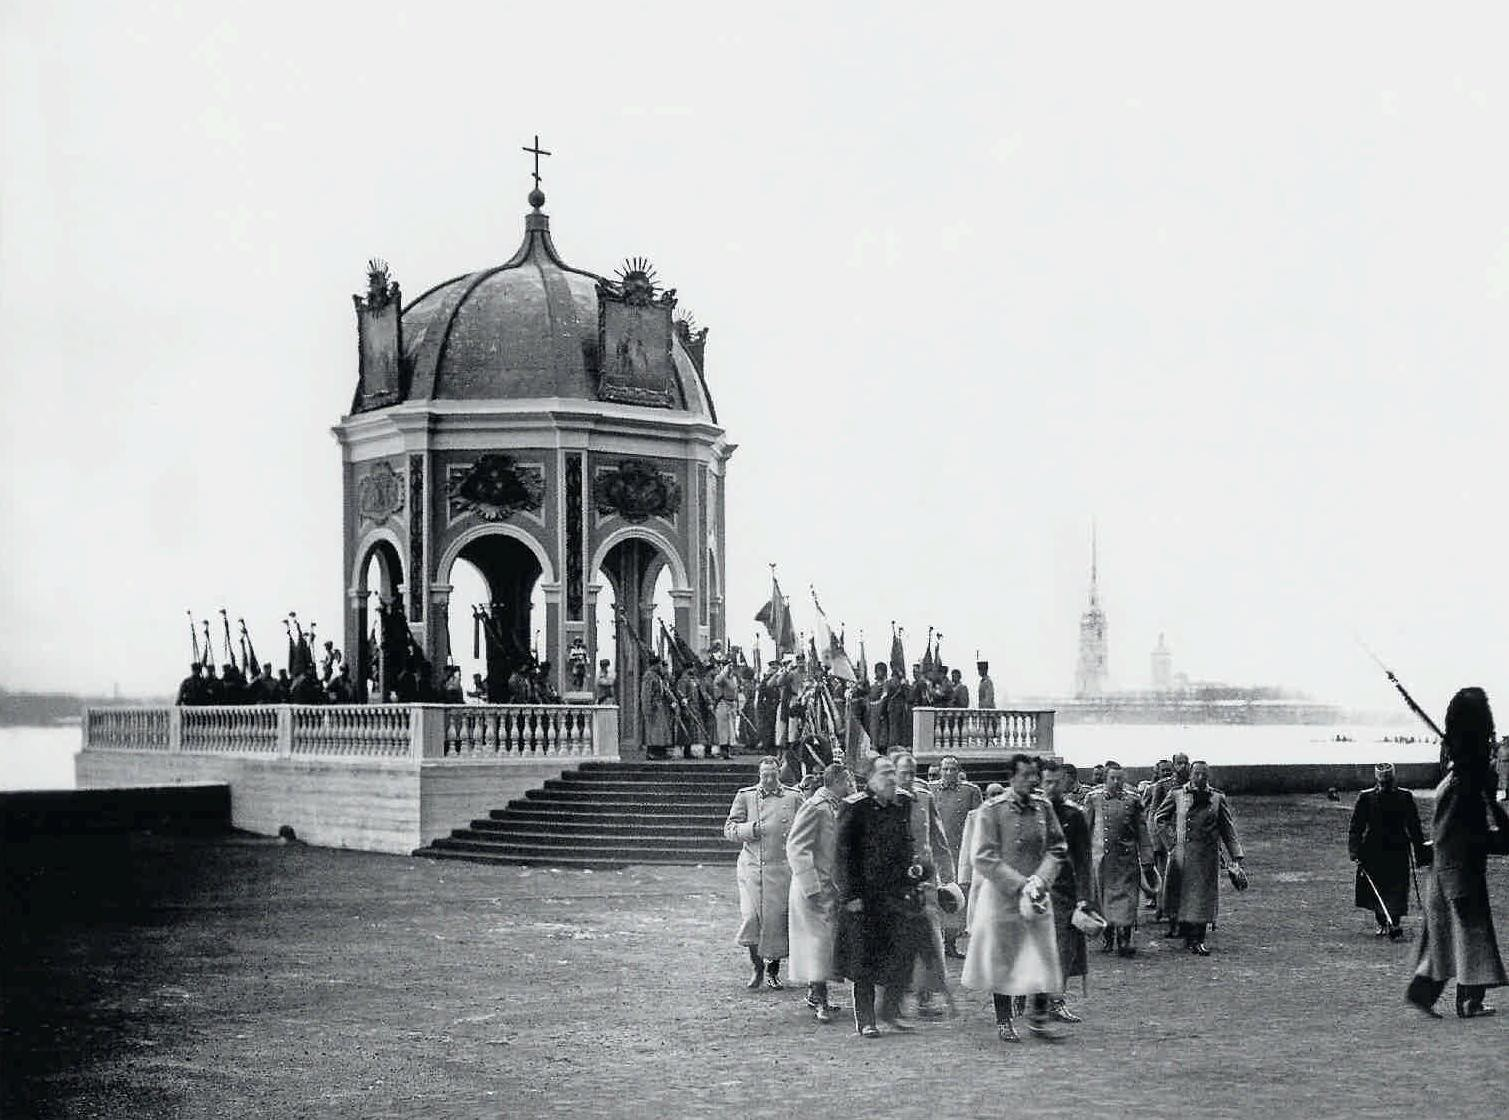 1913. Обряд водосвятия на Неве